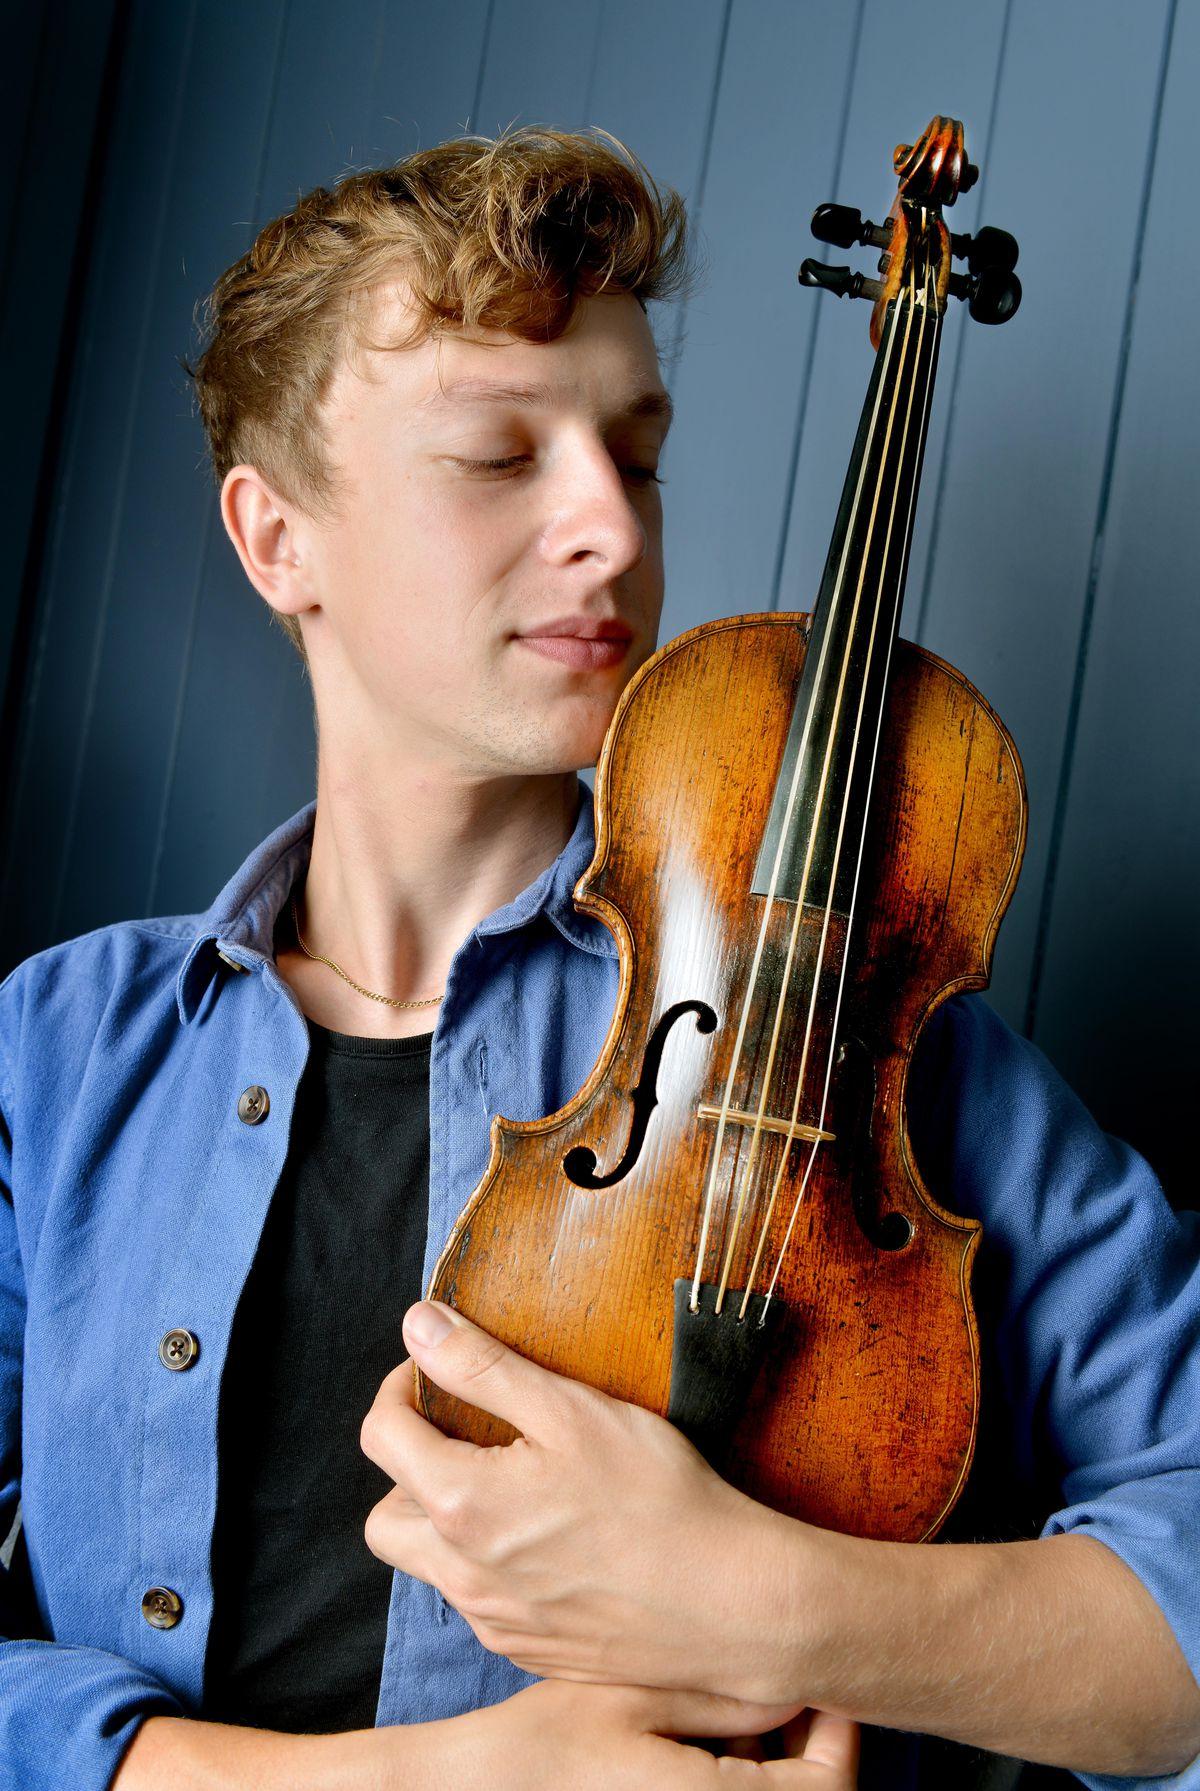 Conor Gricmanis with the 1572 Andrea Amati violin